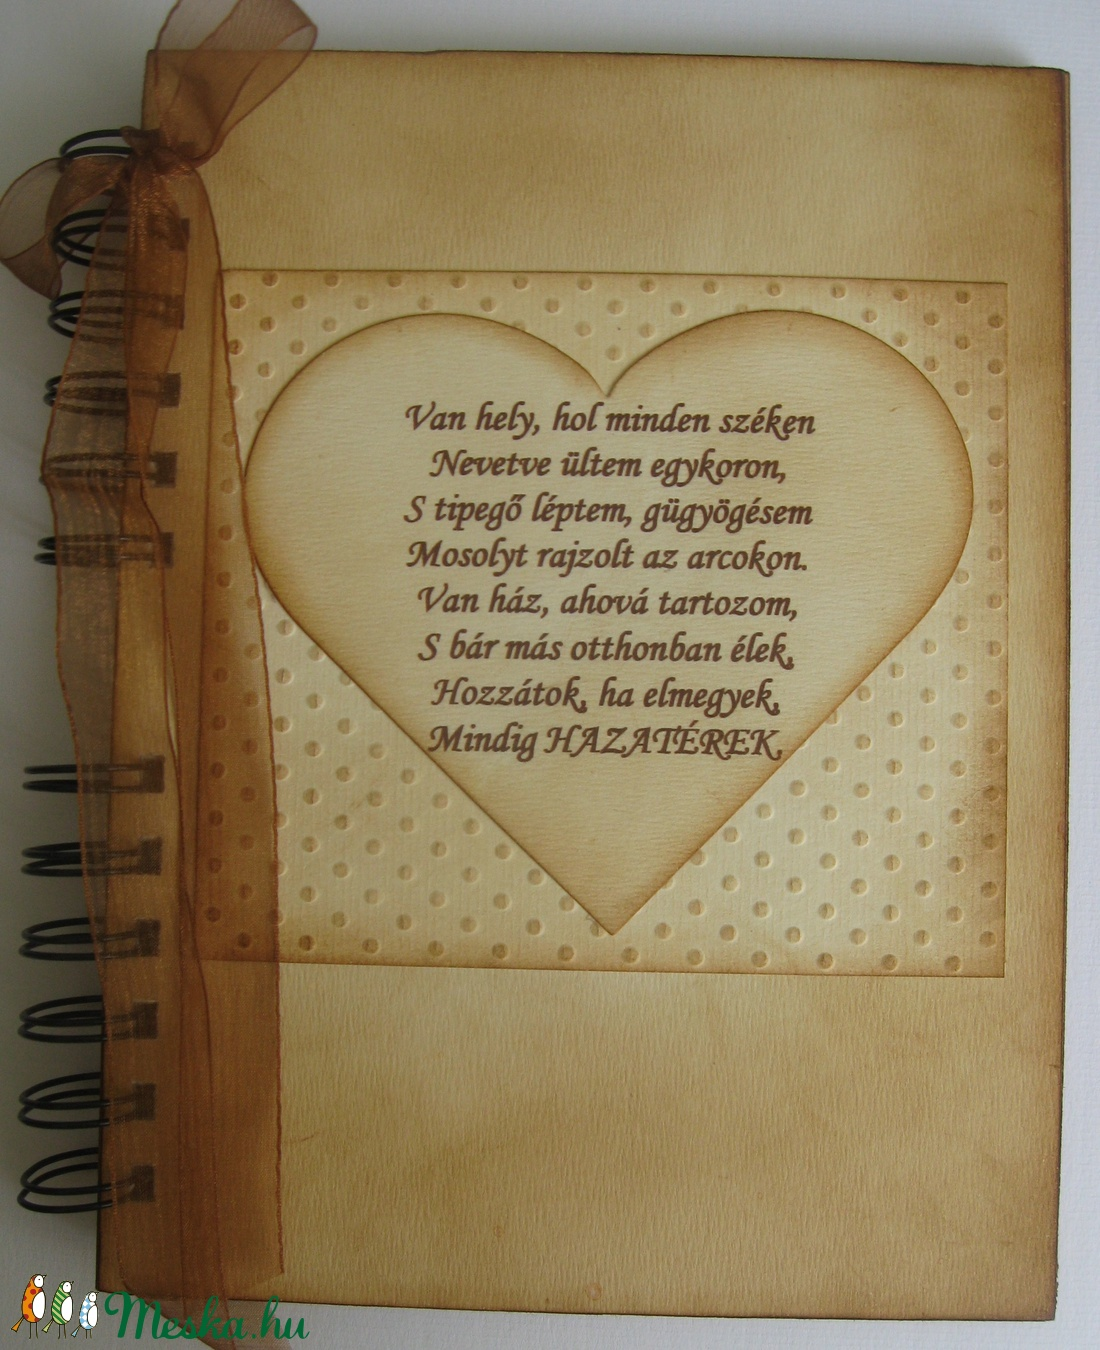 esküvőre idézetek versek Meska   Egyedi Kézműves Termékek és Ajándékok Közvetlenül a